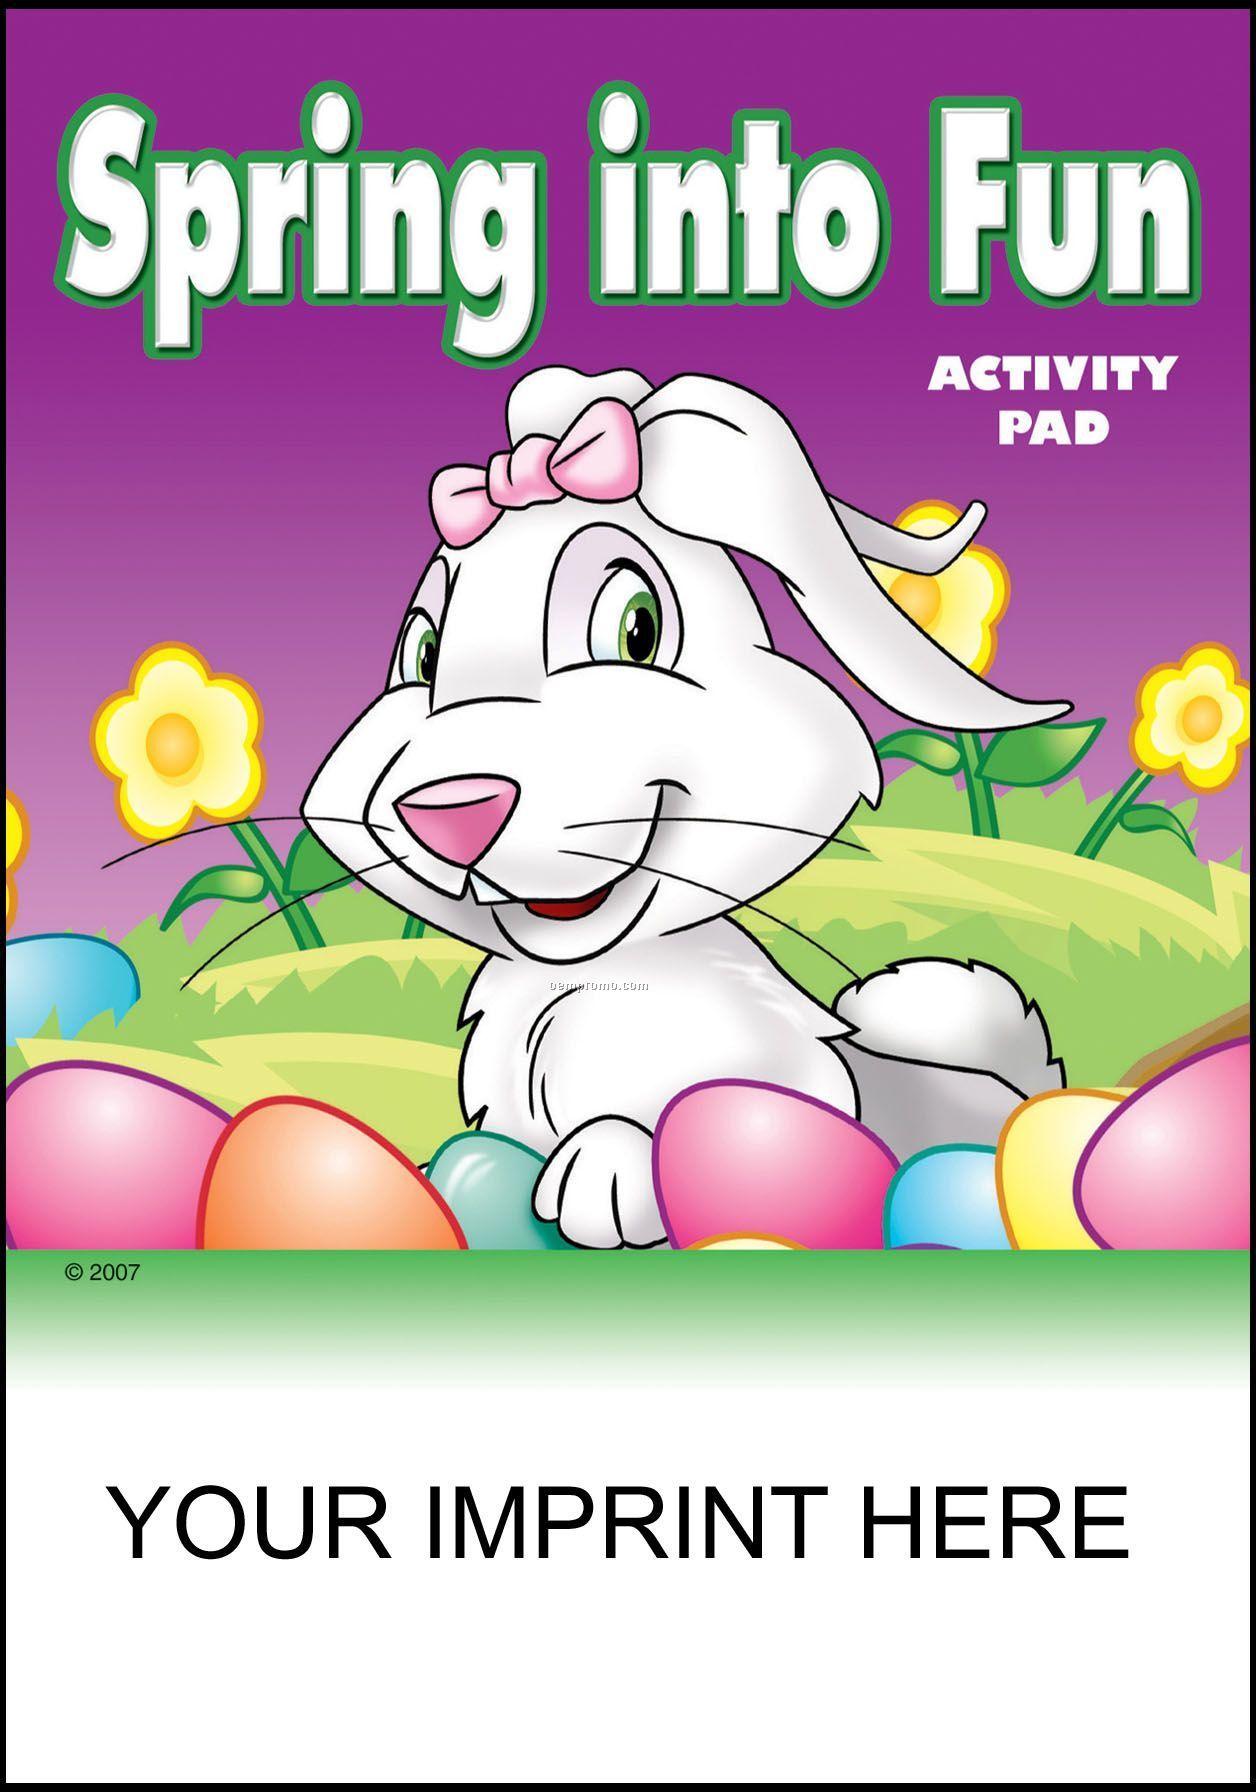 Spring Into Fun Activity Pad